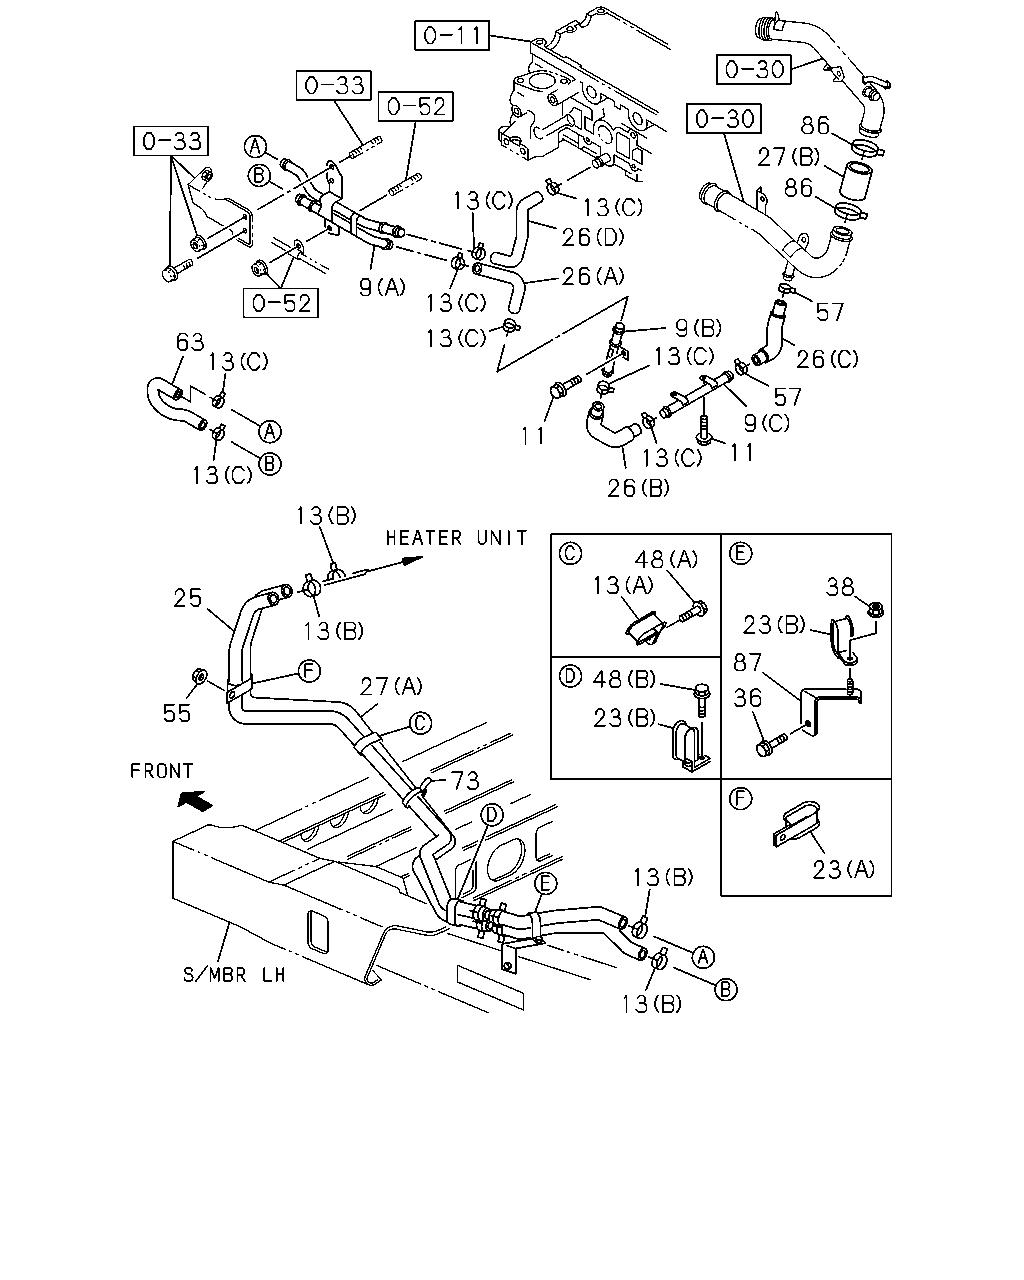 hight resolution of  kenworth t300 wiring isuzu nqr air conditioning wiring diagram 04 isuzu sel on isuzu pup